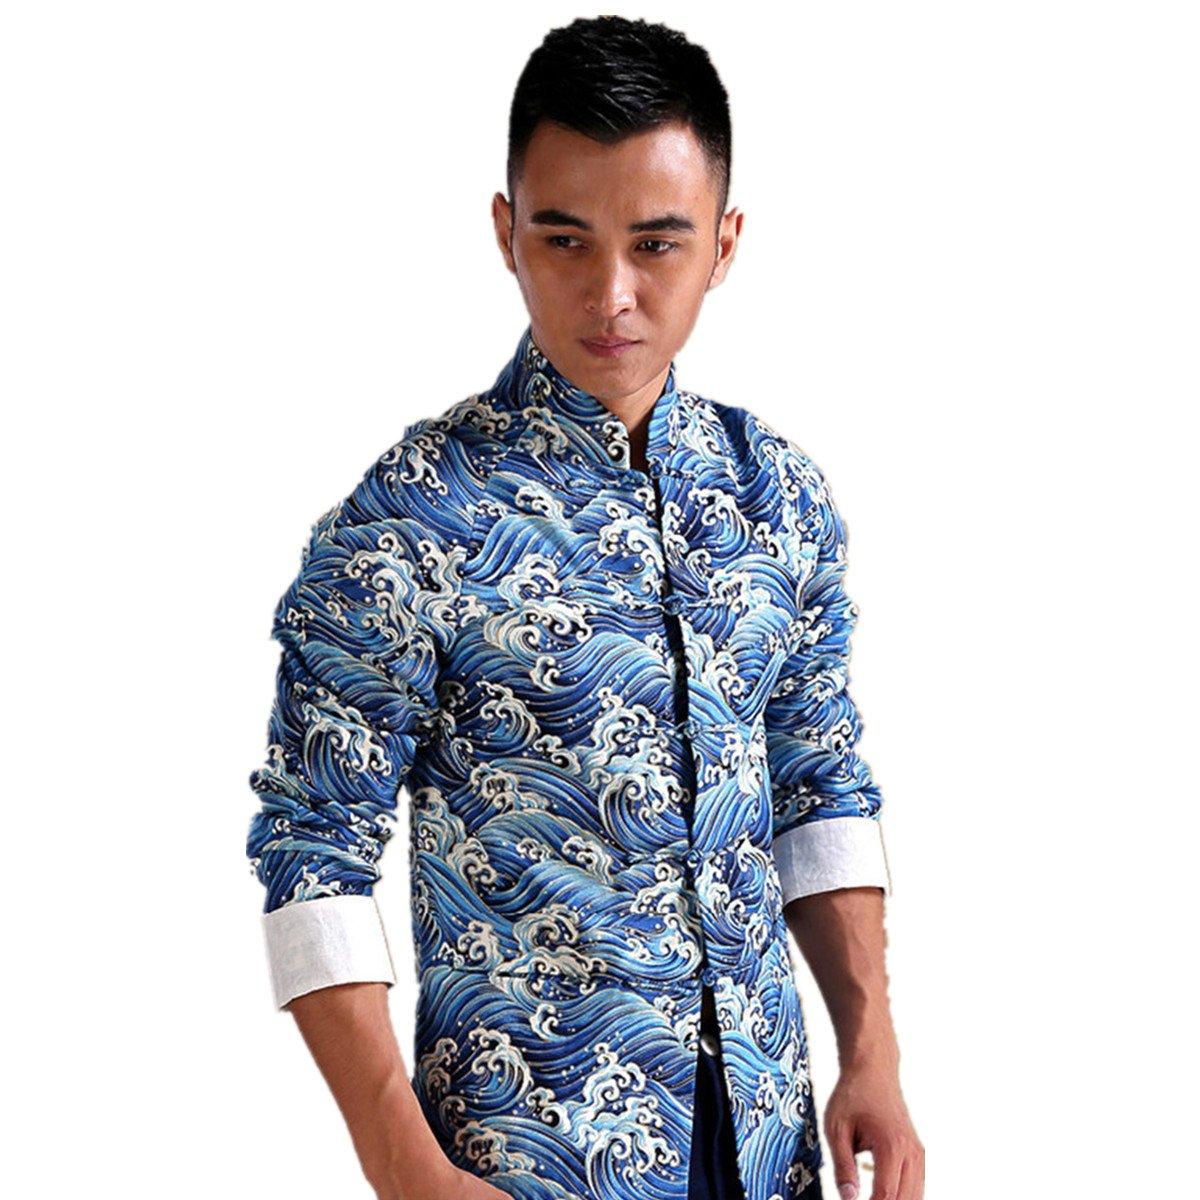 WEISAN Chinese Traditional KungFu Shirt Men Waves Patterned Mandarin Collar Jacket